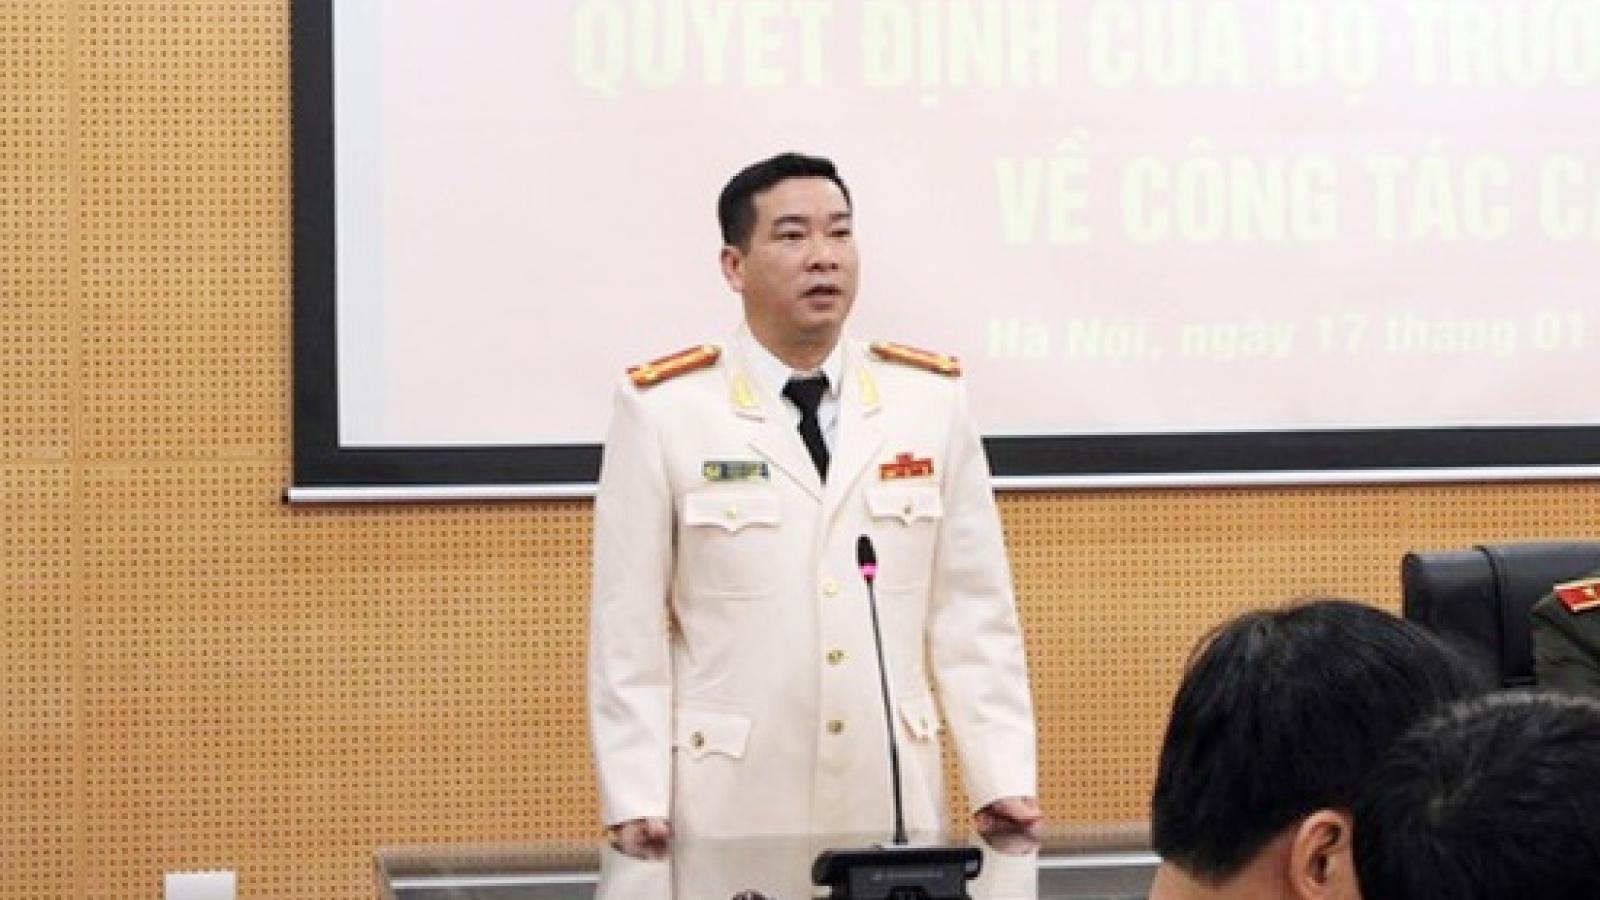 Đình chỉ công tác Trưởng Phòng Cảnh sát Kinh tế, Công an TP Hà Nội để điều tra